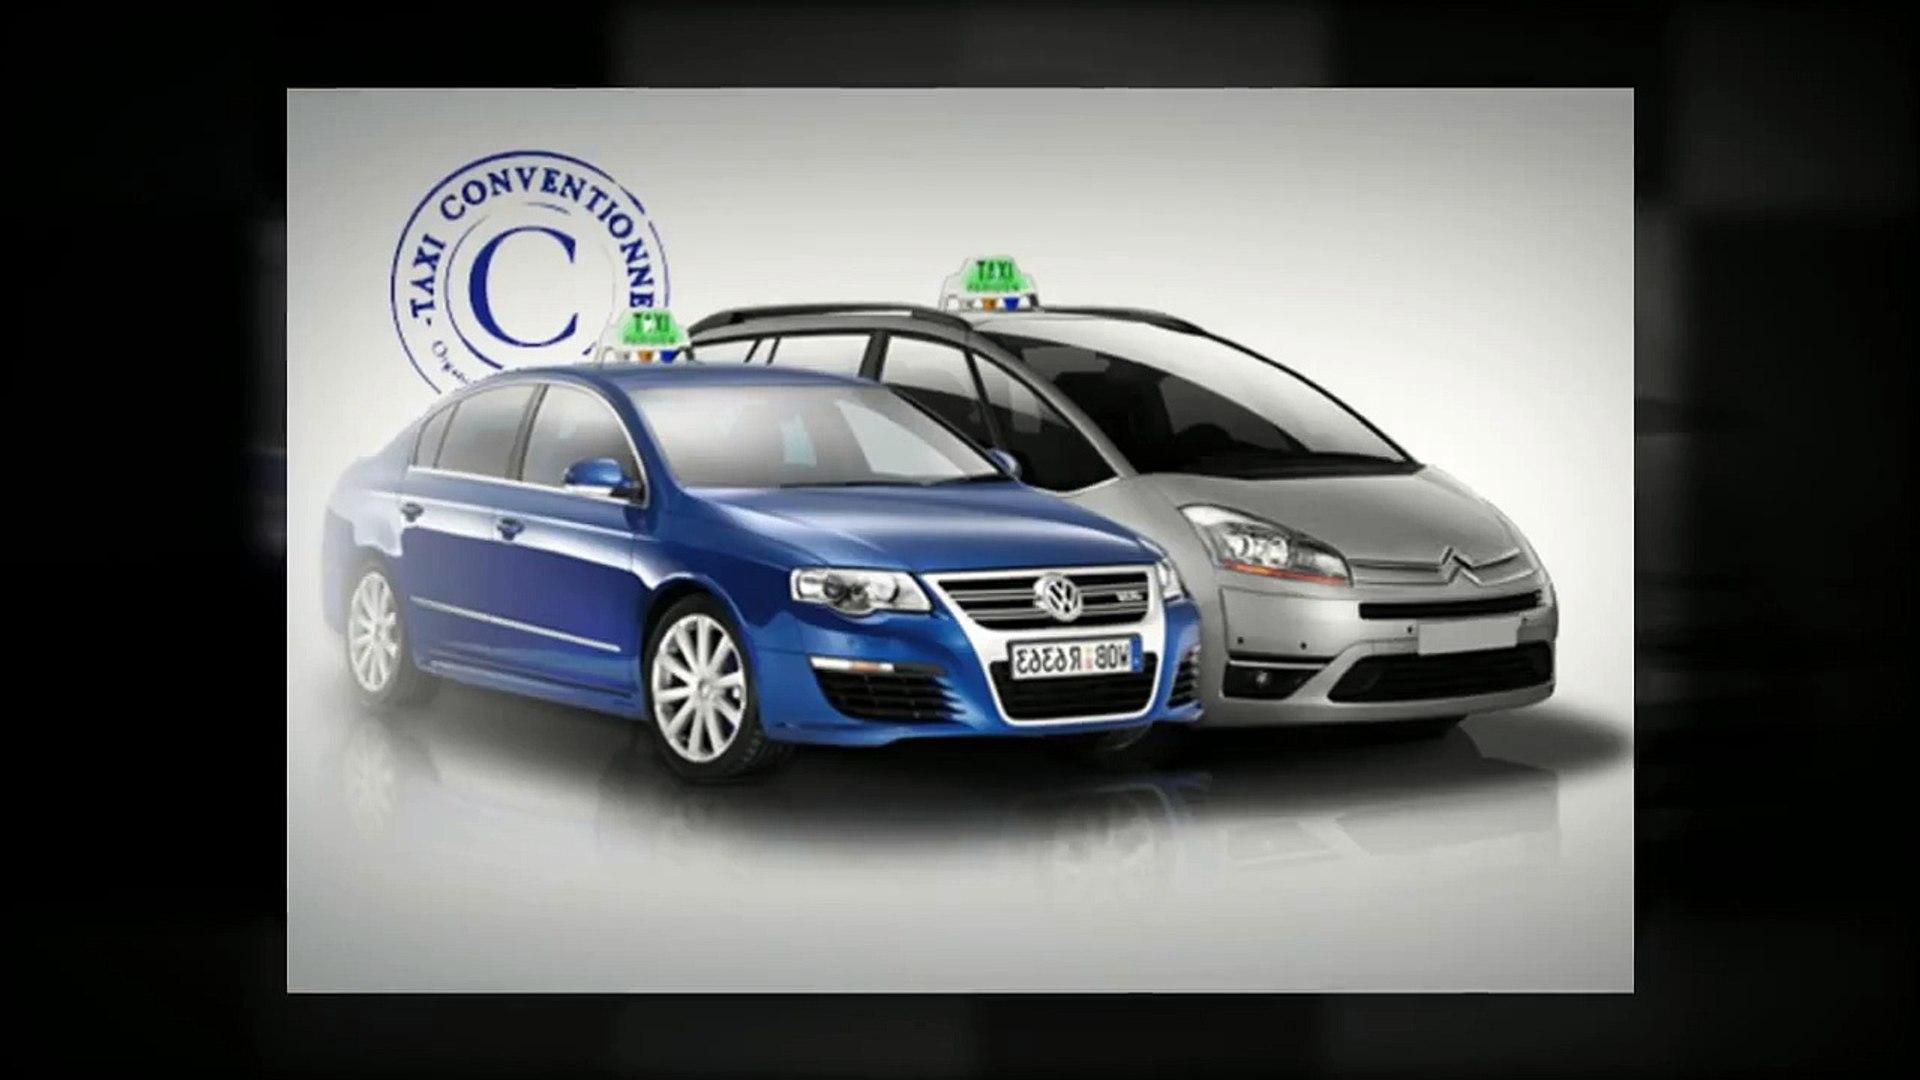 TAXIS CONVENTIONNES 60 -  tel : 06 20 65 95 35 - Commandez un taxi conventionné